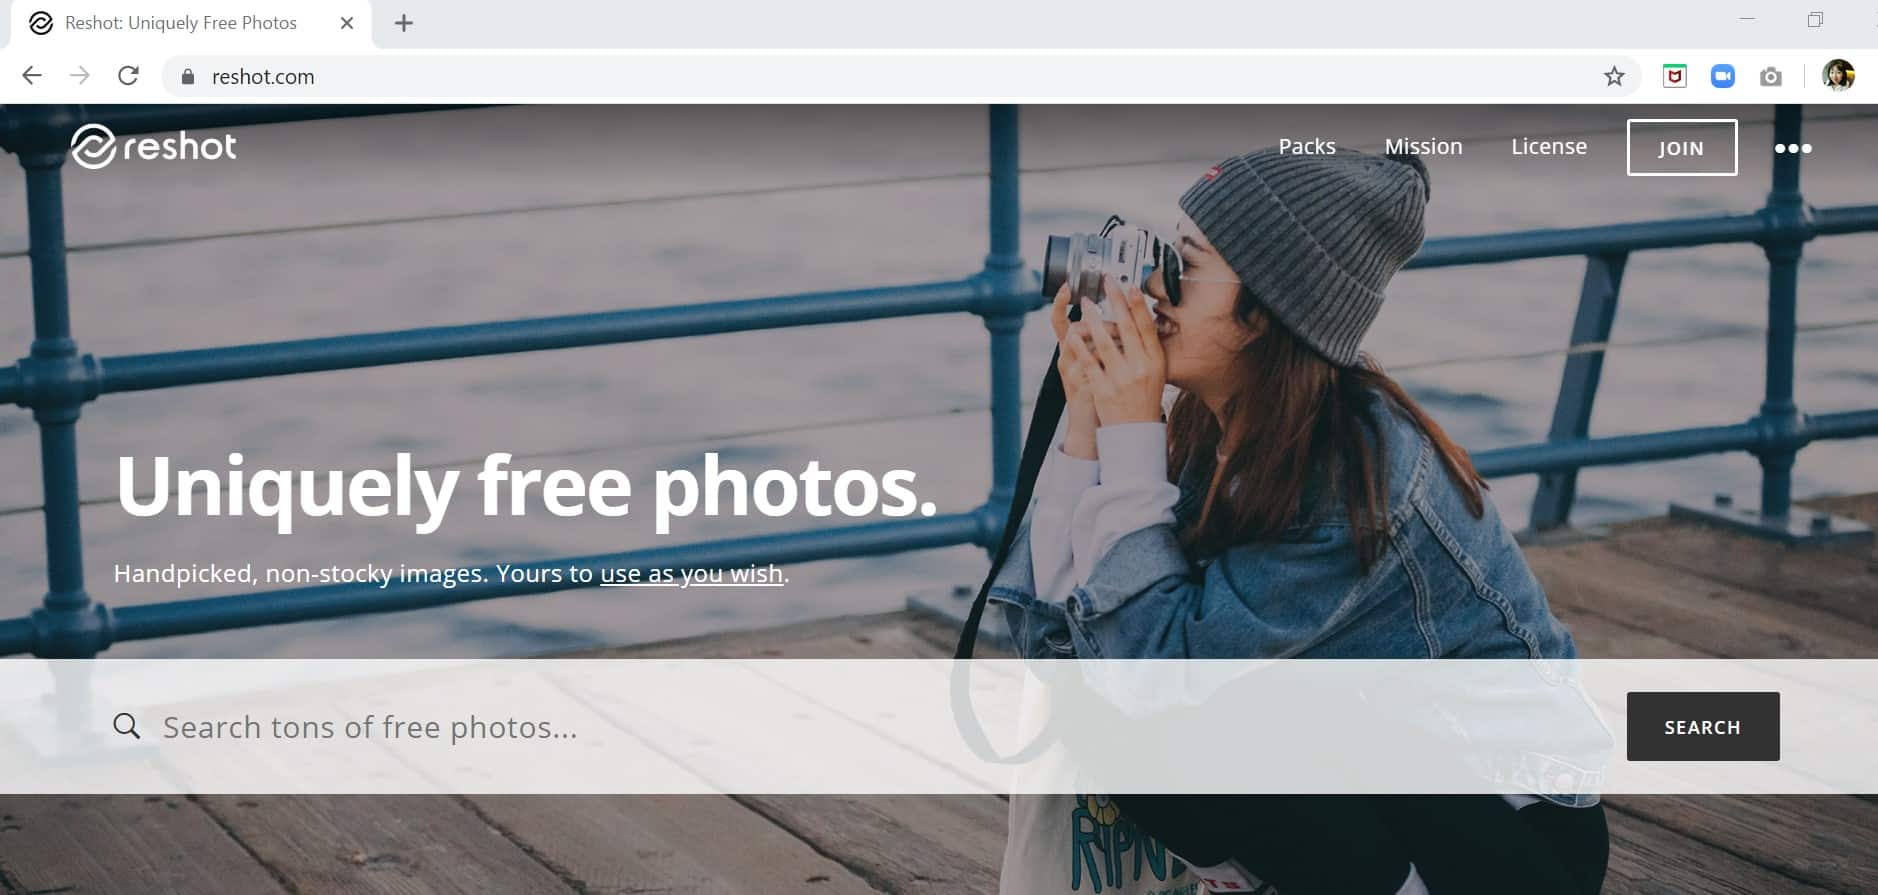 เว็บรูปฟรี, รูปฟรี, เวกเตอร์ฟรี, free picture, โหลดรูปฟรี